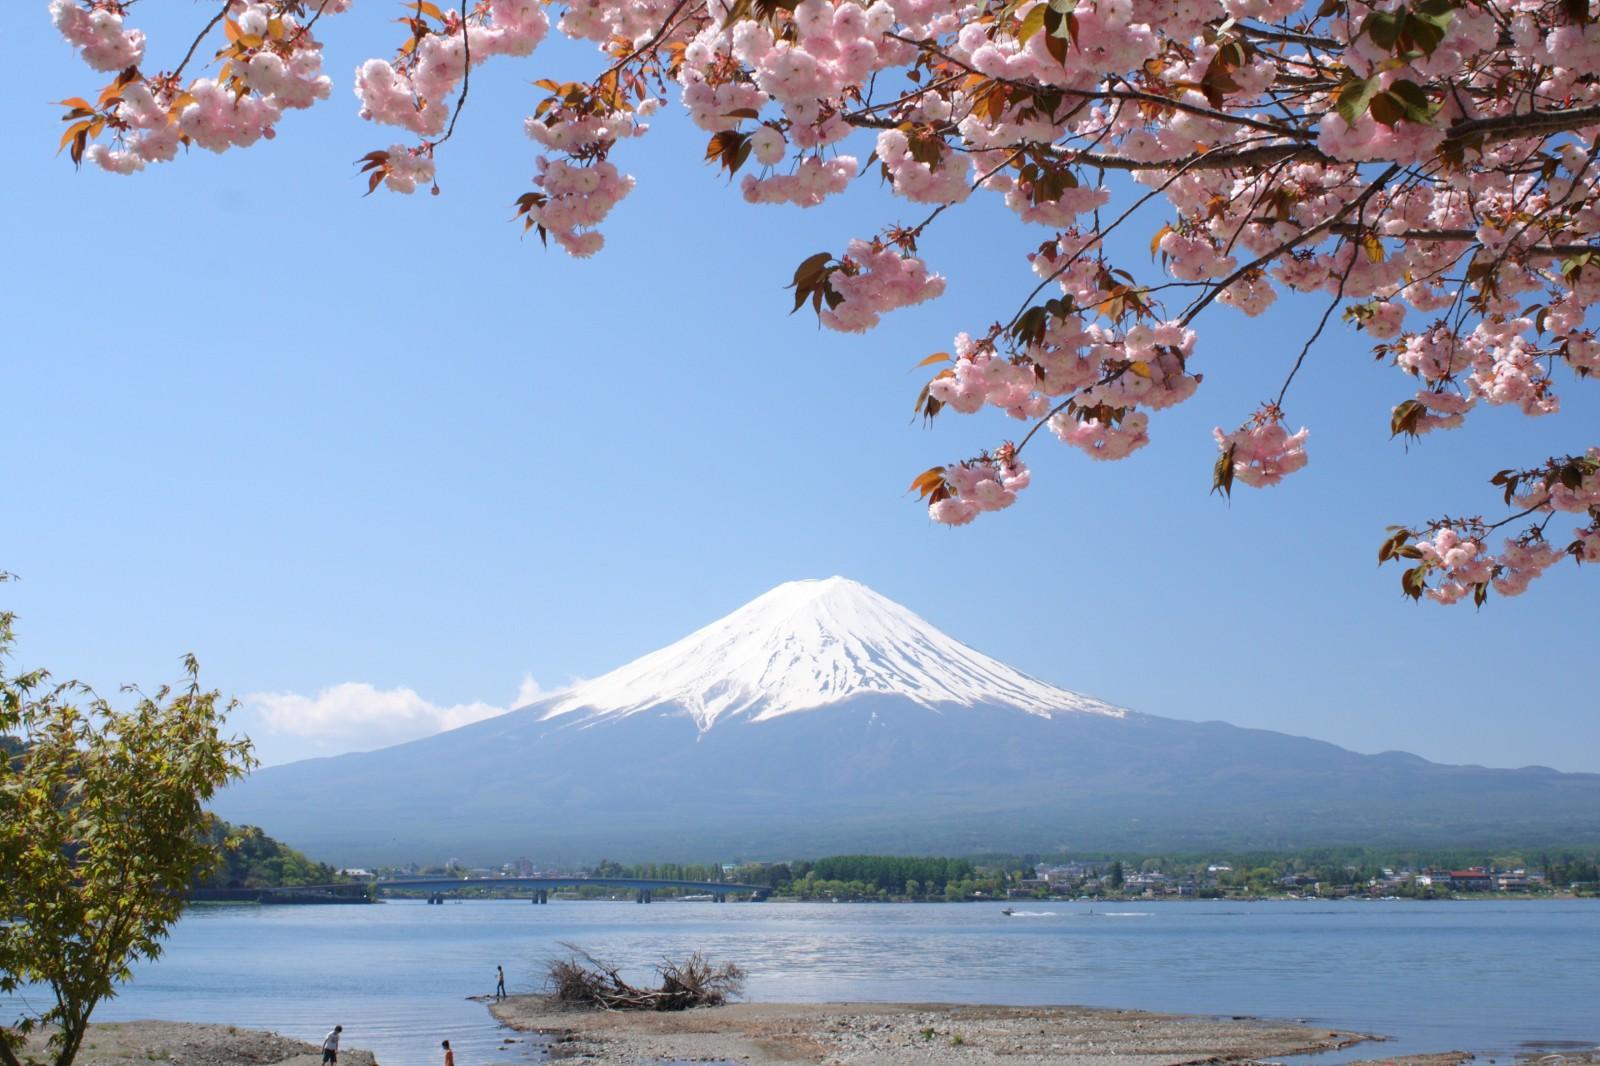 Cherry blossoms, Northern Shores of Kawaguchiko